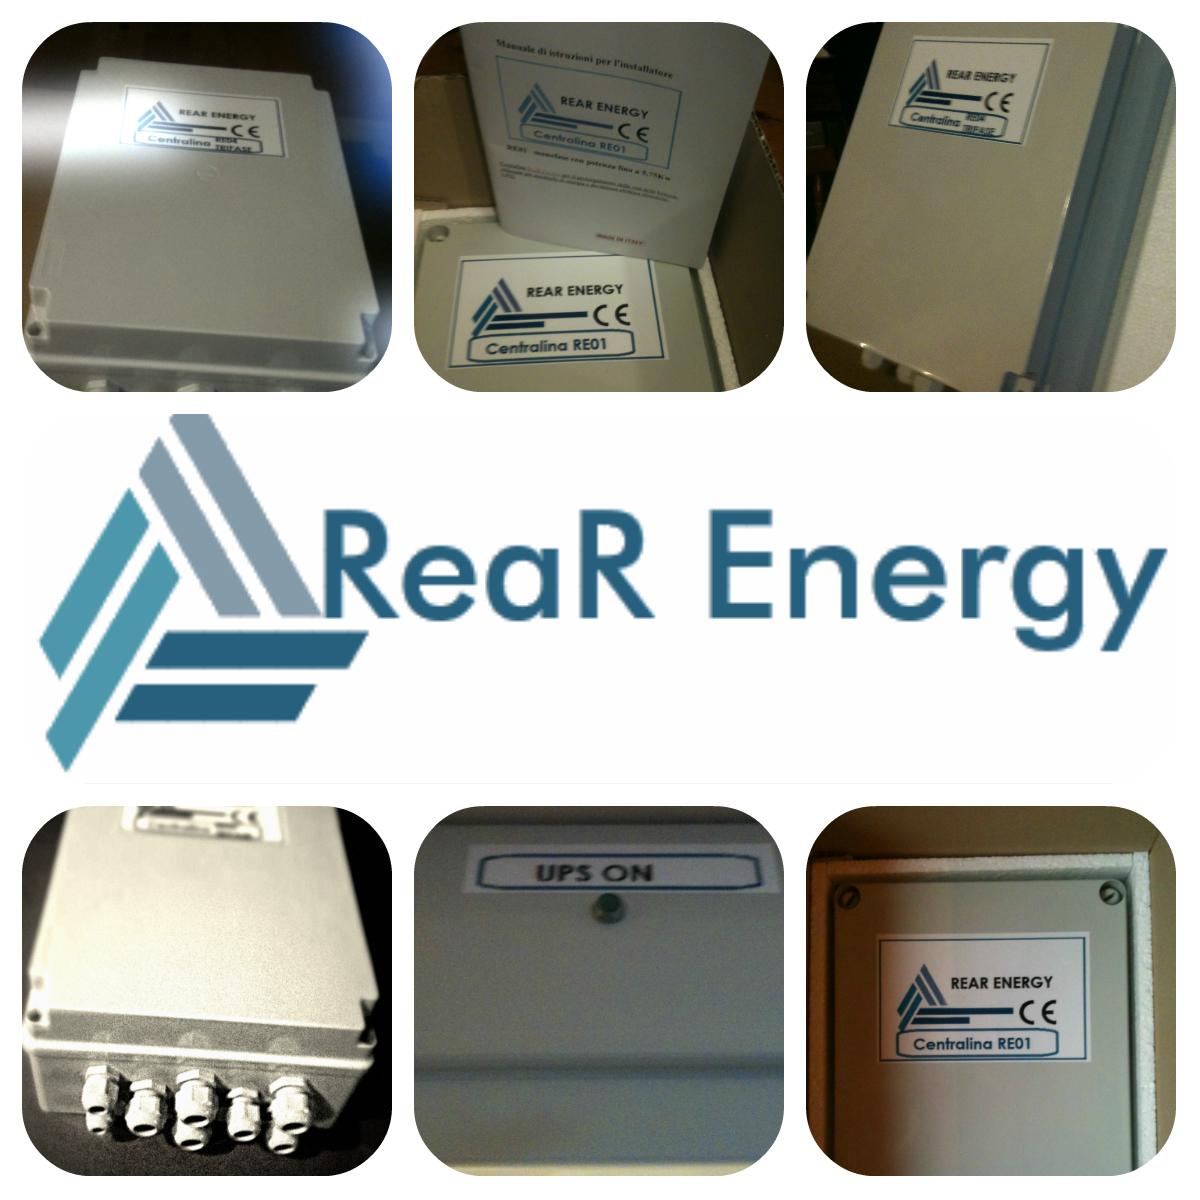 Rear Energy, triplica la vita all'accumulatoe di energia da impianti eolici, fotovoltaici. Commutatore di energia tra ups e fornitore. standalone, isola, ibrido